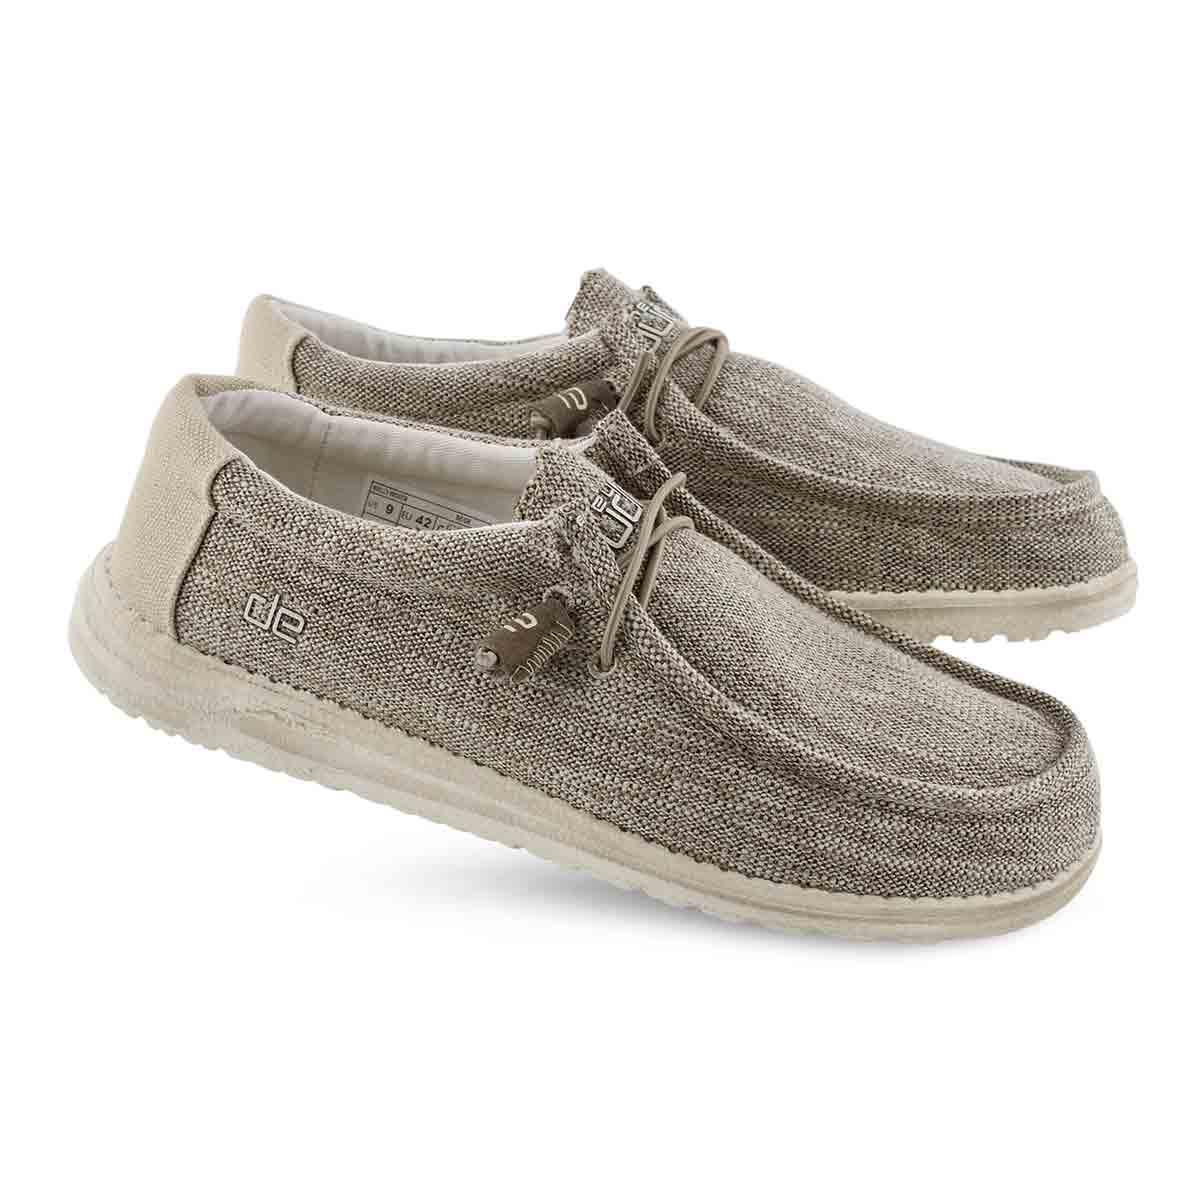 Mns Wally Woven beige casual shoe